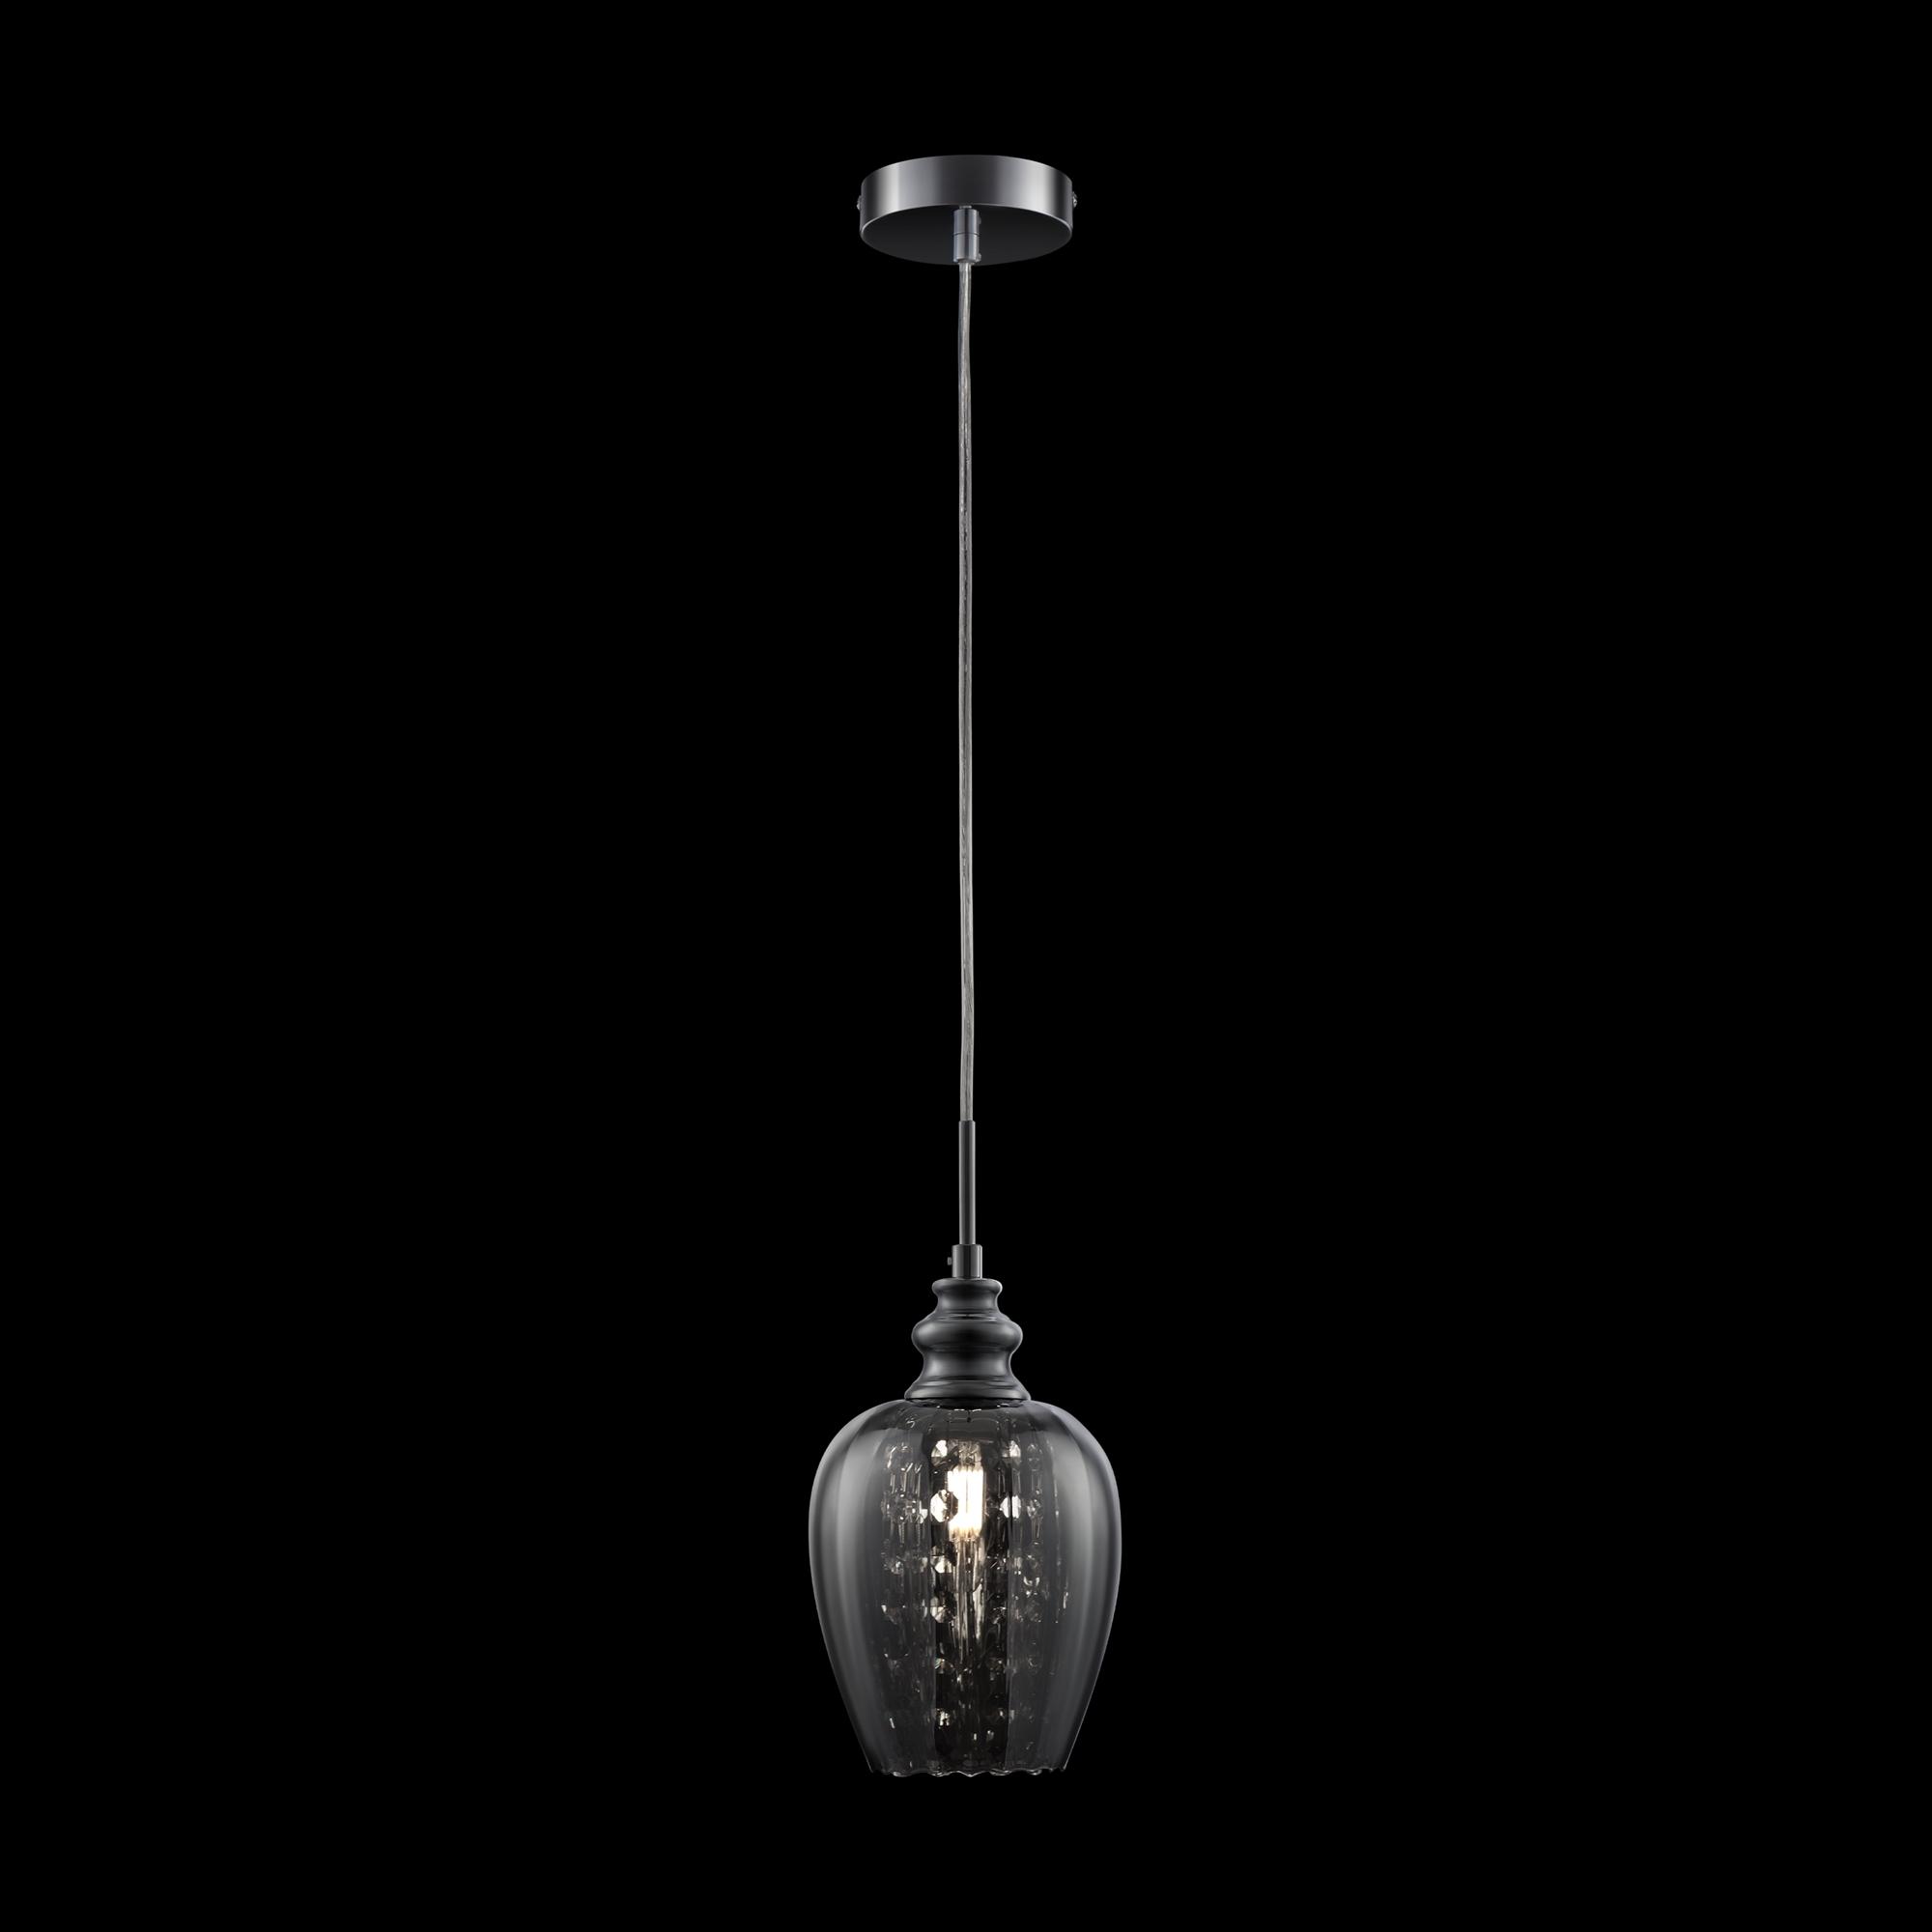 Подвесной светильник Maytoni Blues MOD033-PL-01-N (F003-11-N), 1xE14x40W, никель, дымчатый, прозрачный, металл, стекло, хрусталь - фото 3